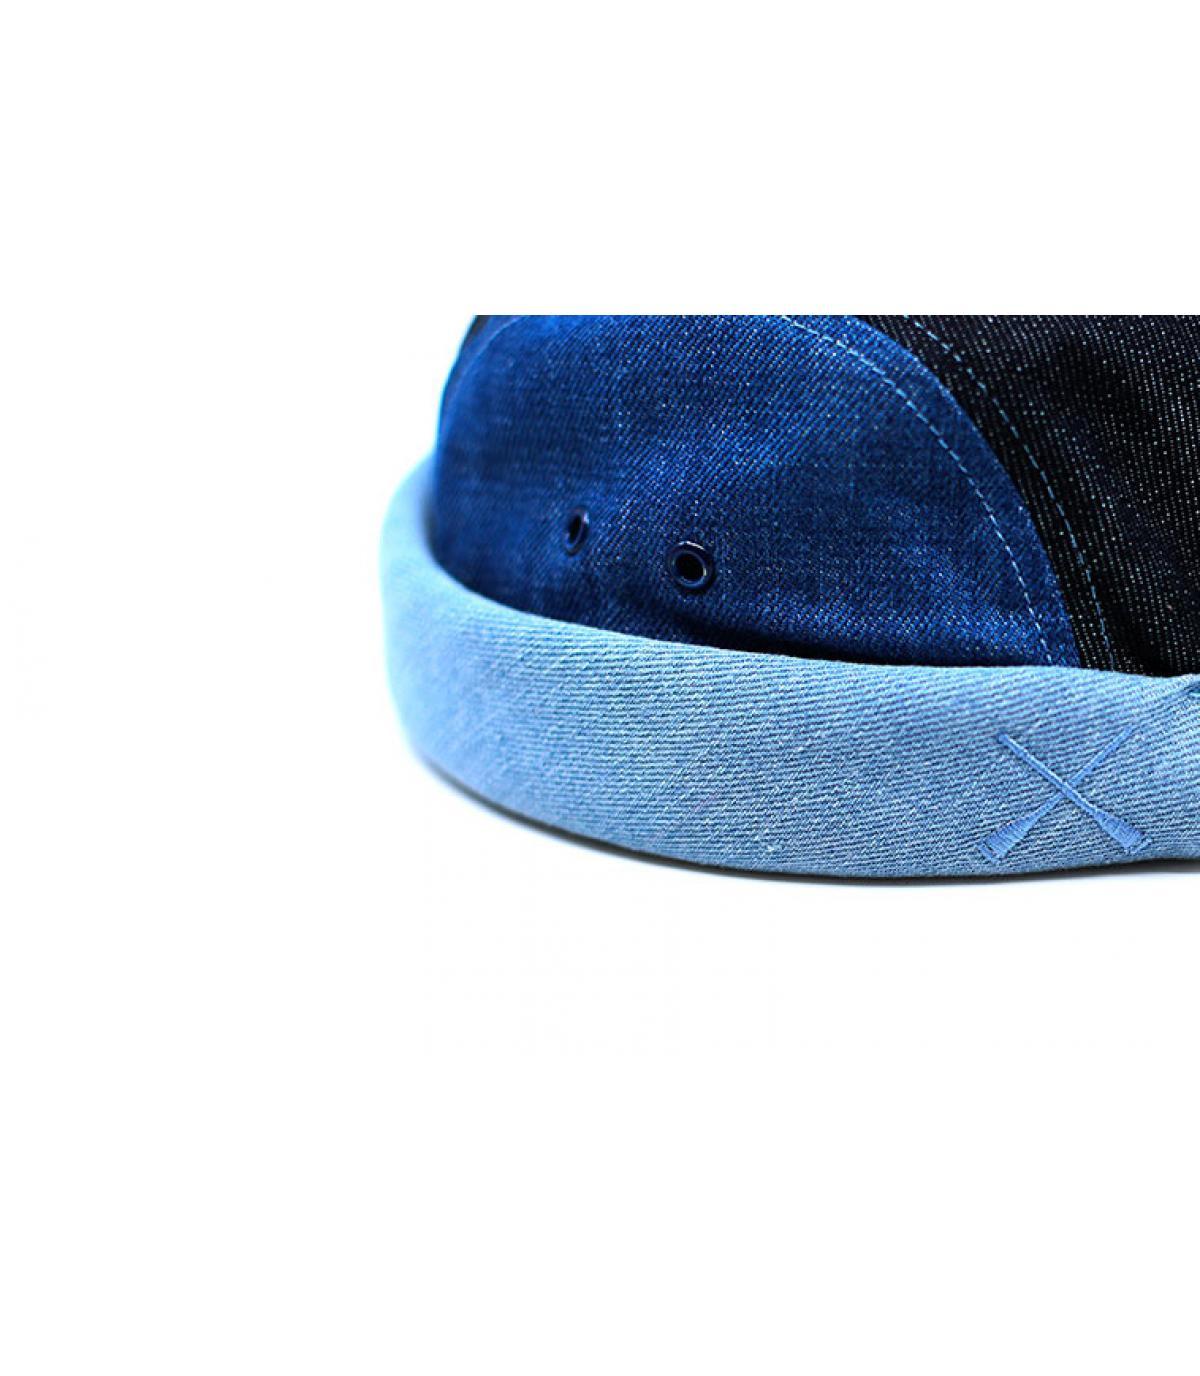 Détails Miki 5 Panel denim blue - image 4